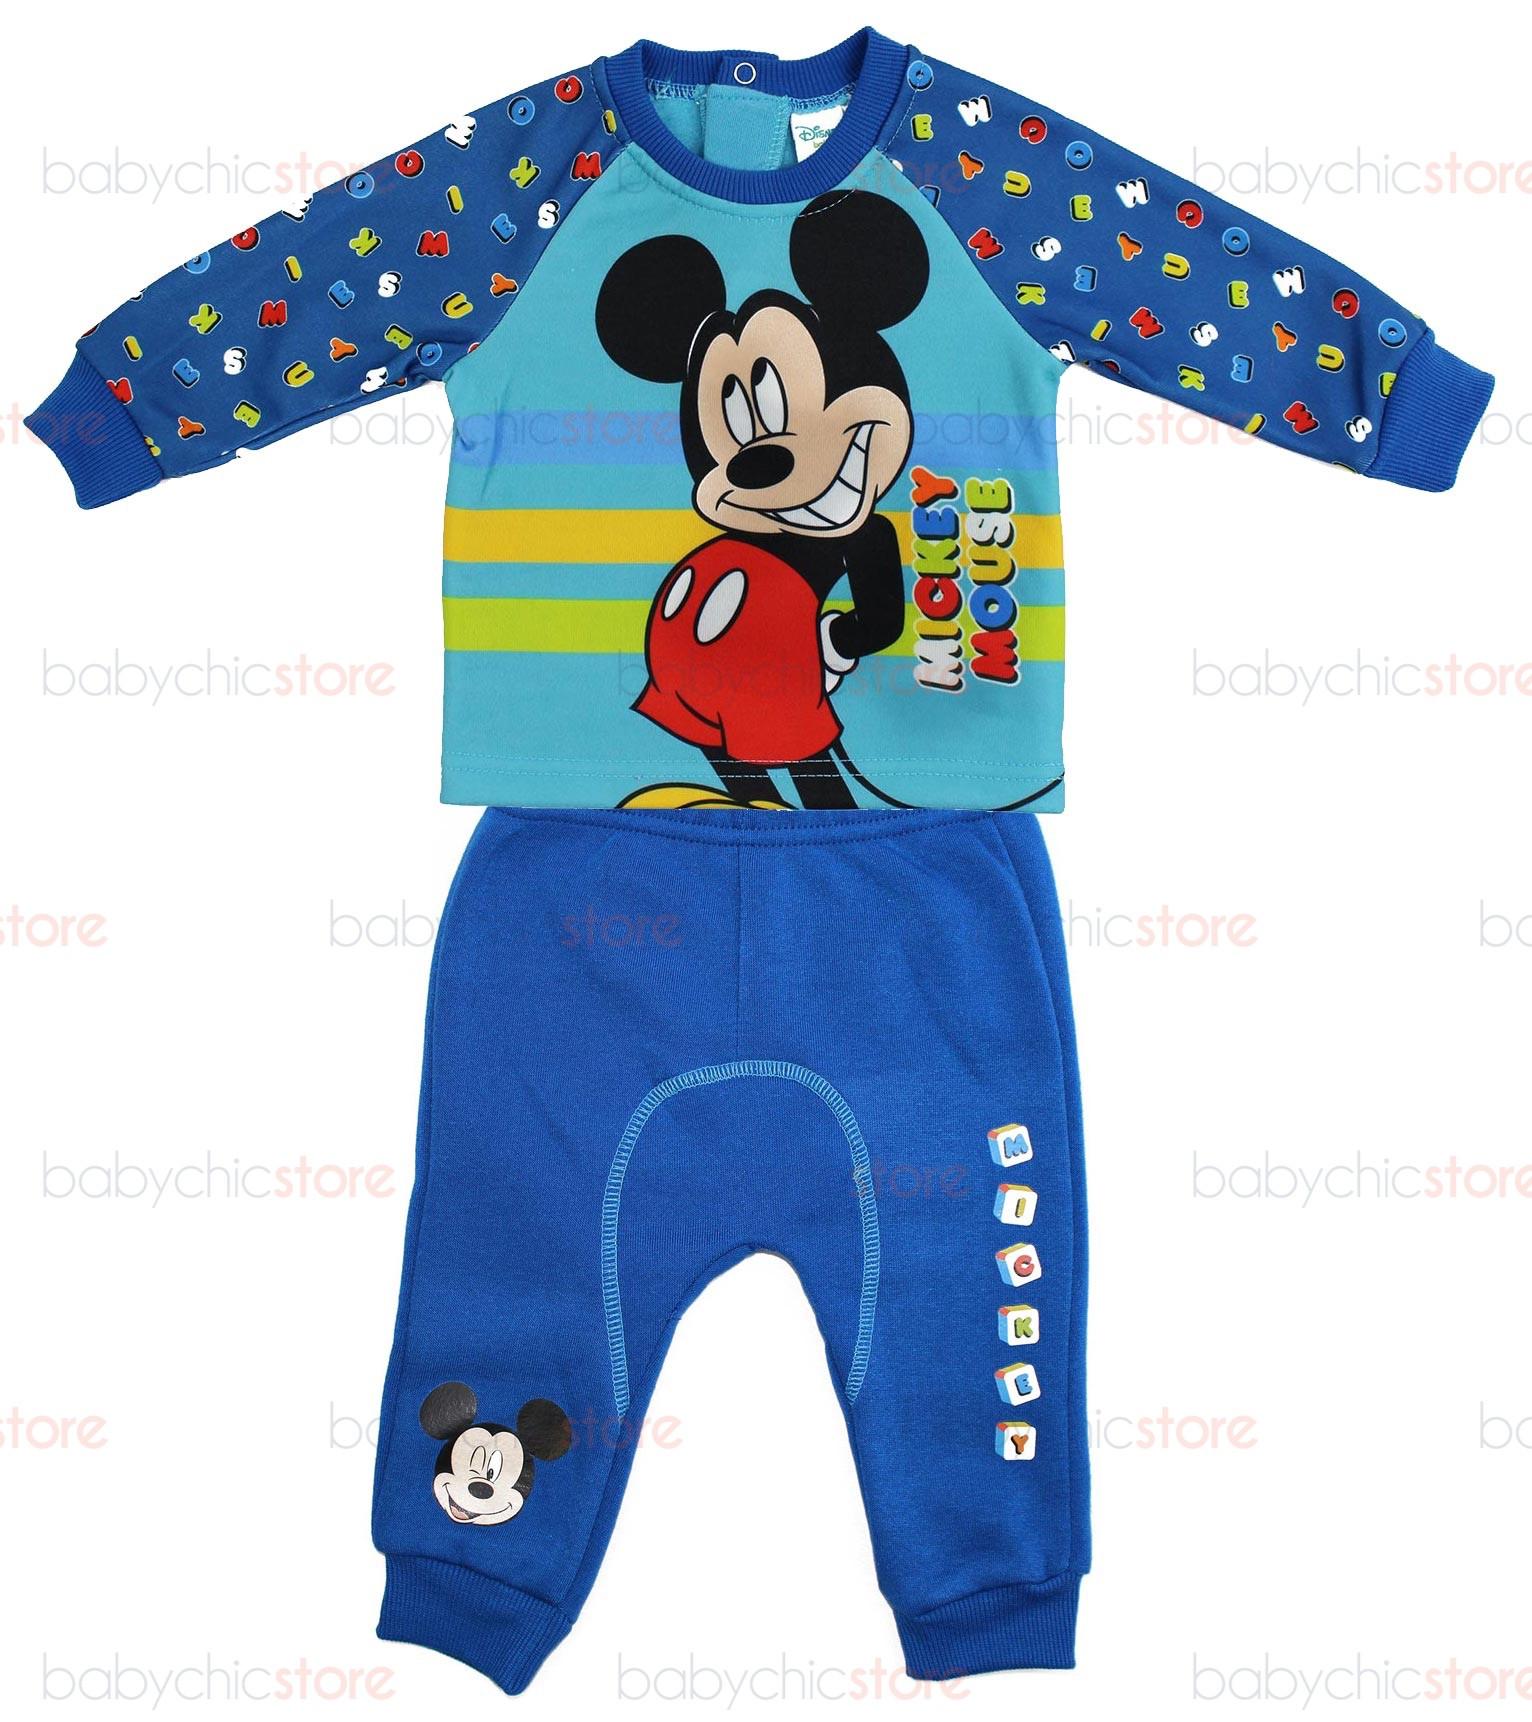 Survêtement Mickey Mouse - Bleu/Ciel 23M